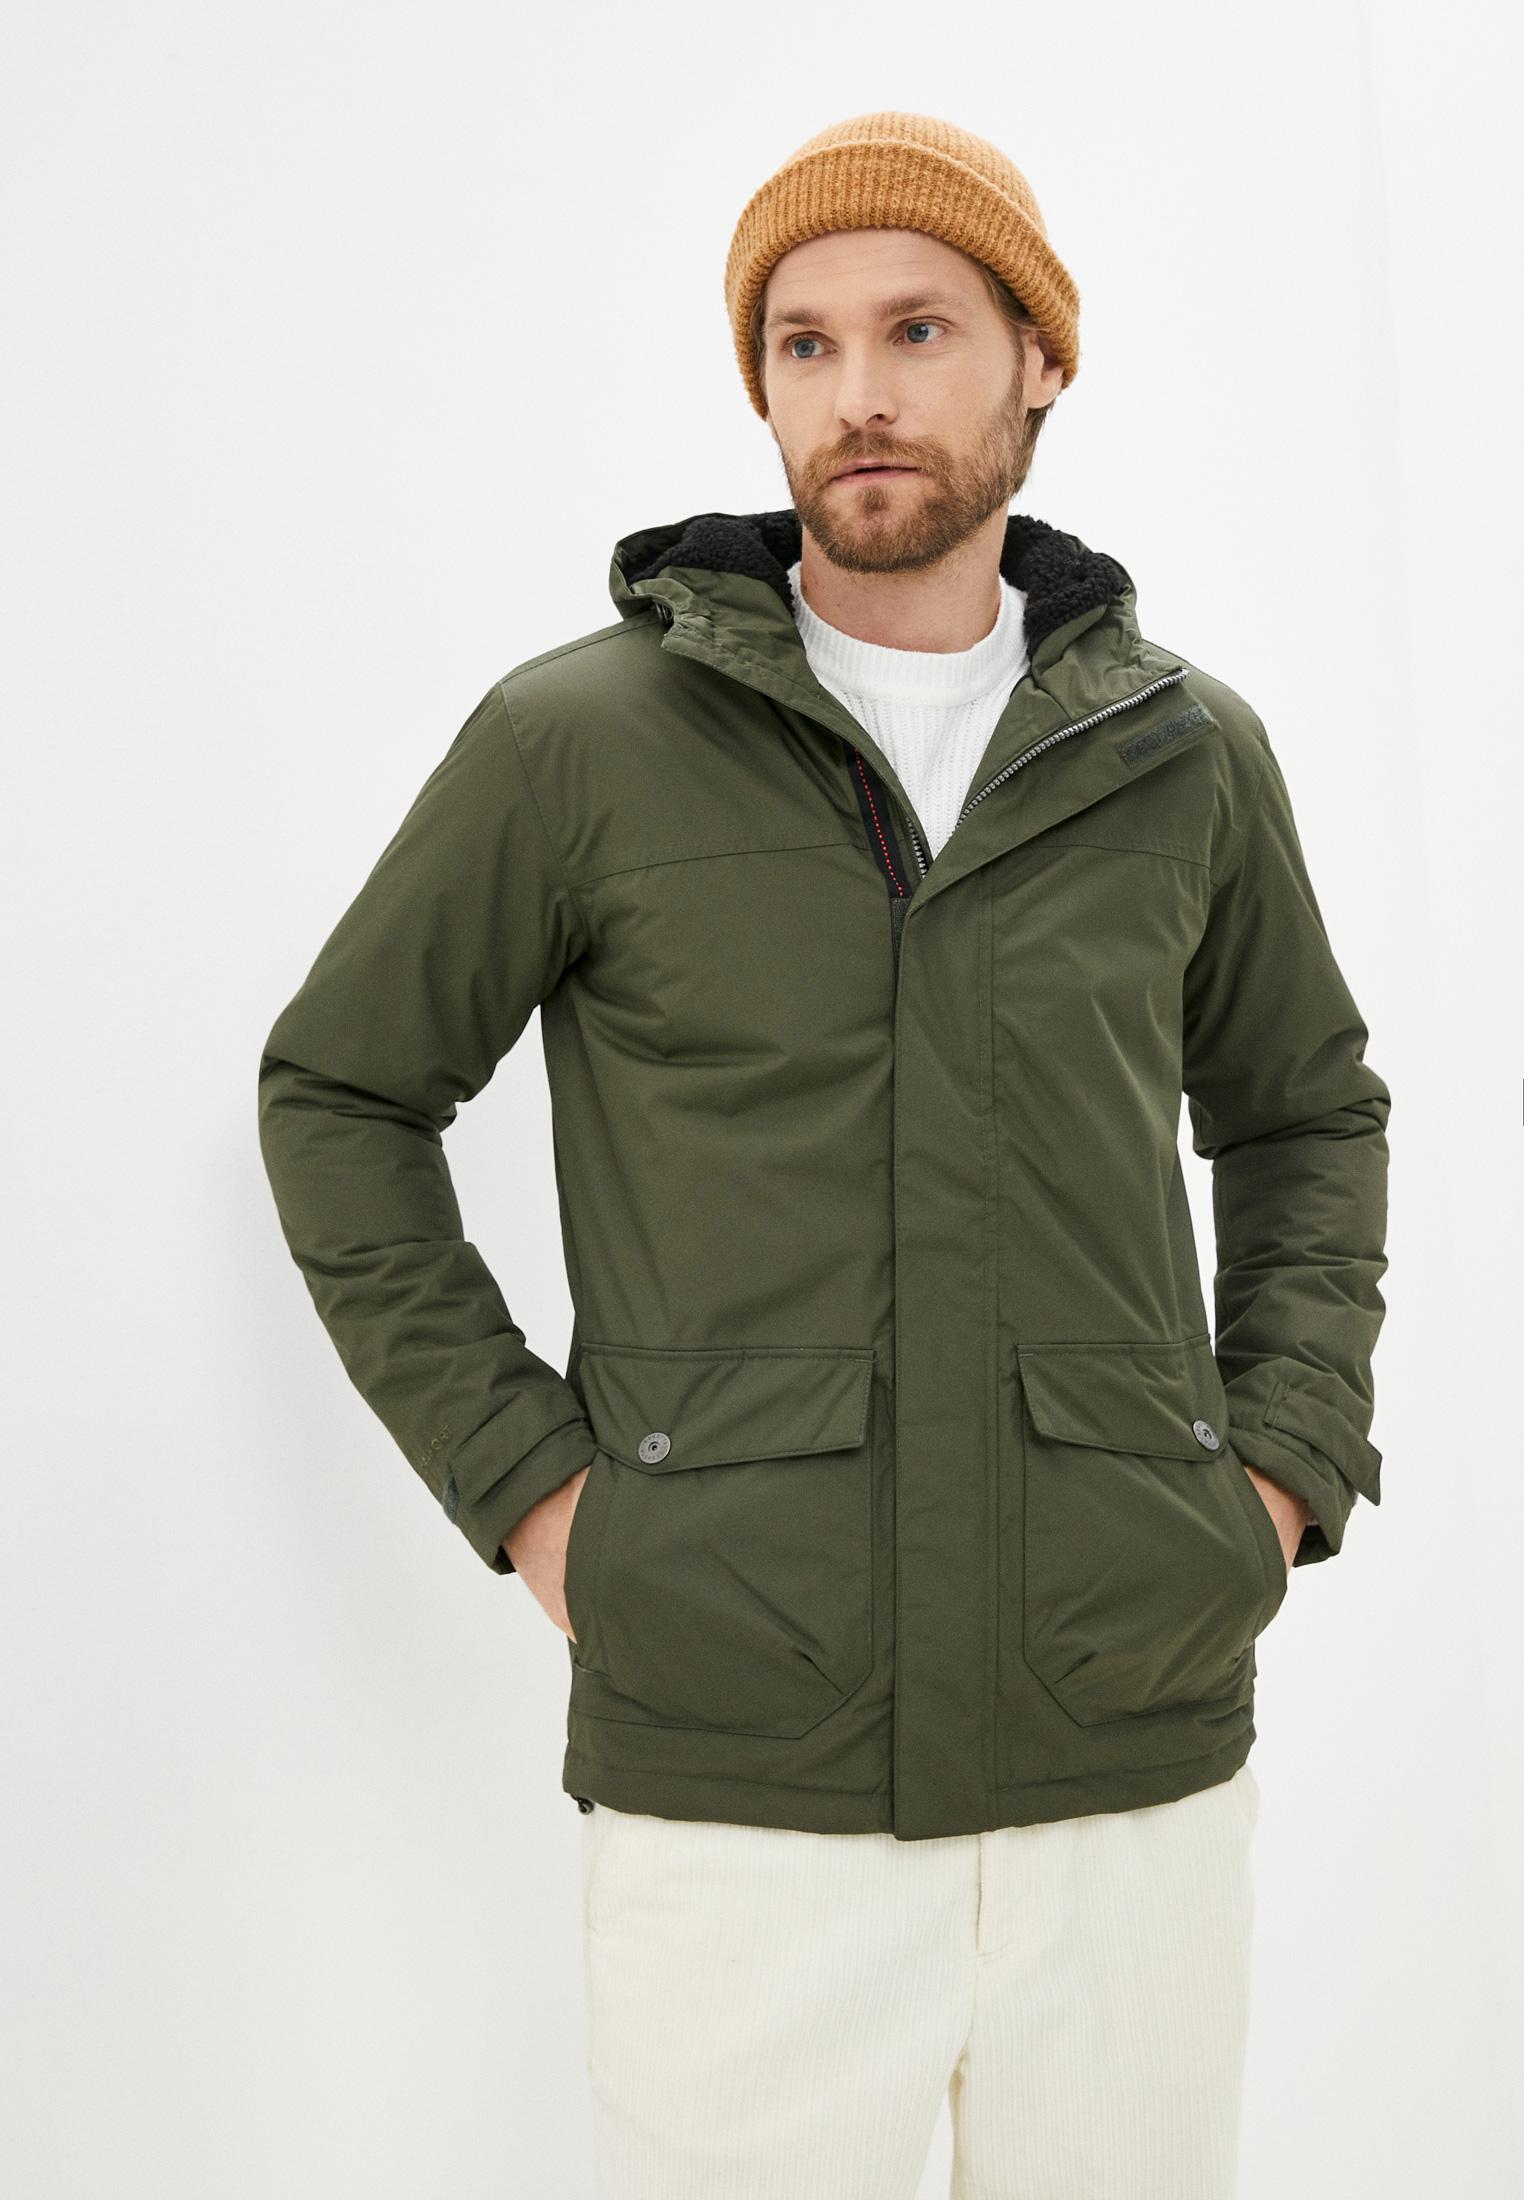 Мужская верхняя одежда REGATTA (Регатта) Куртка утепленная Regatta